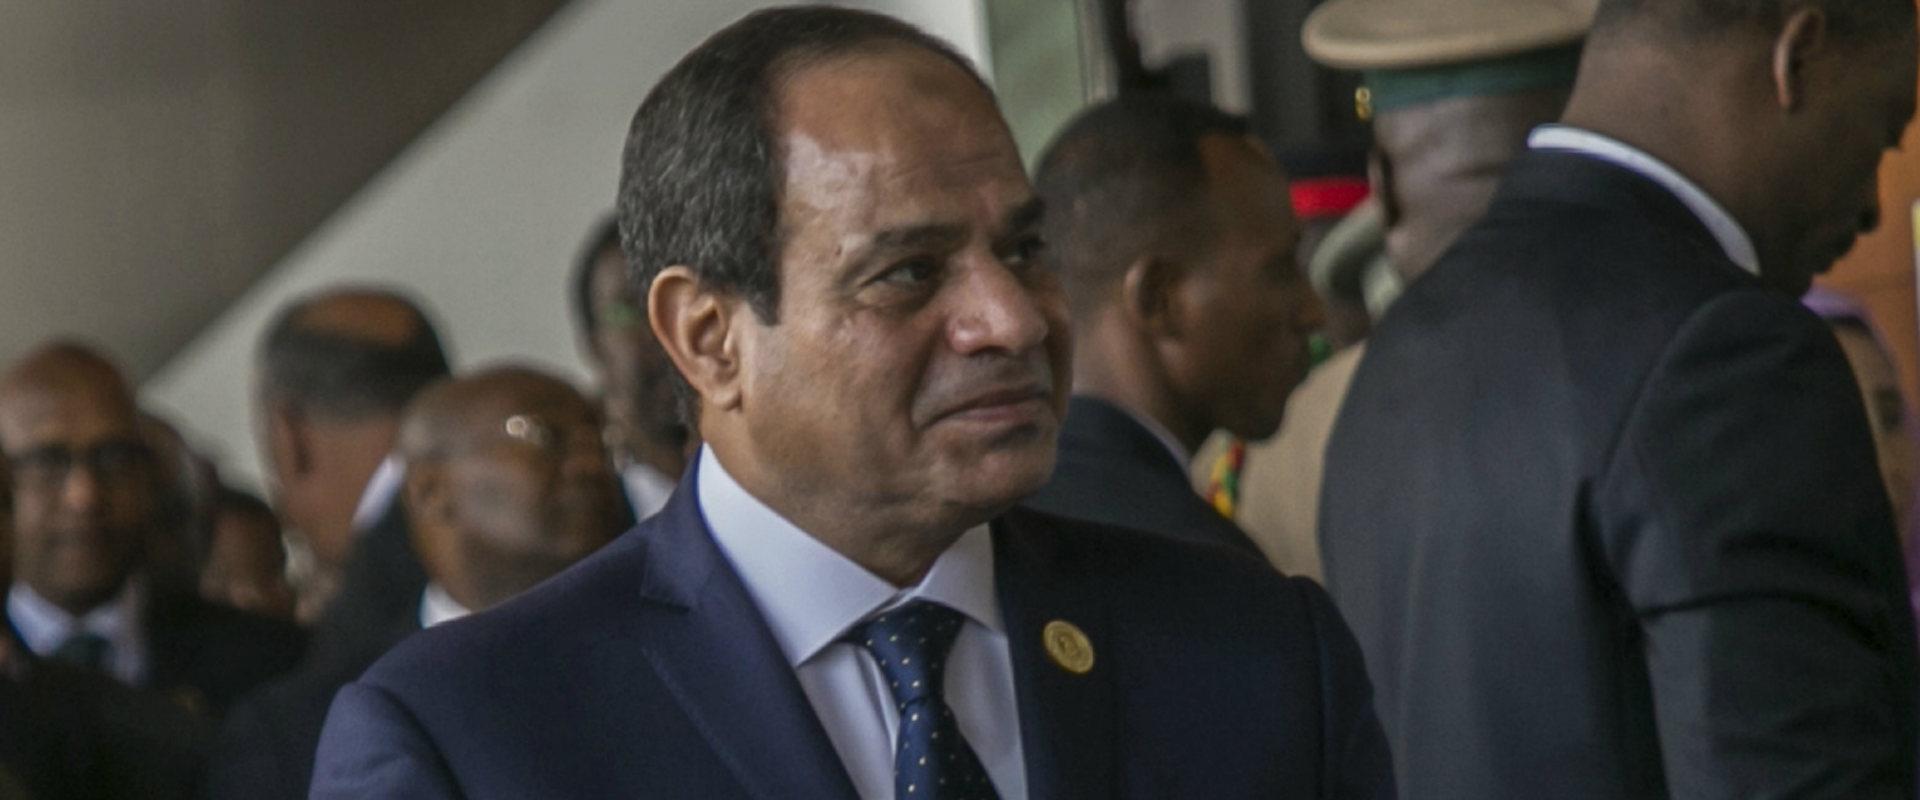 נשיא מצרים, א-סיסי